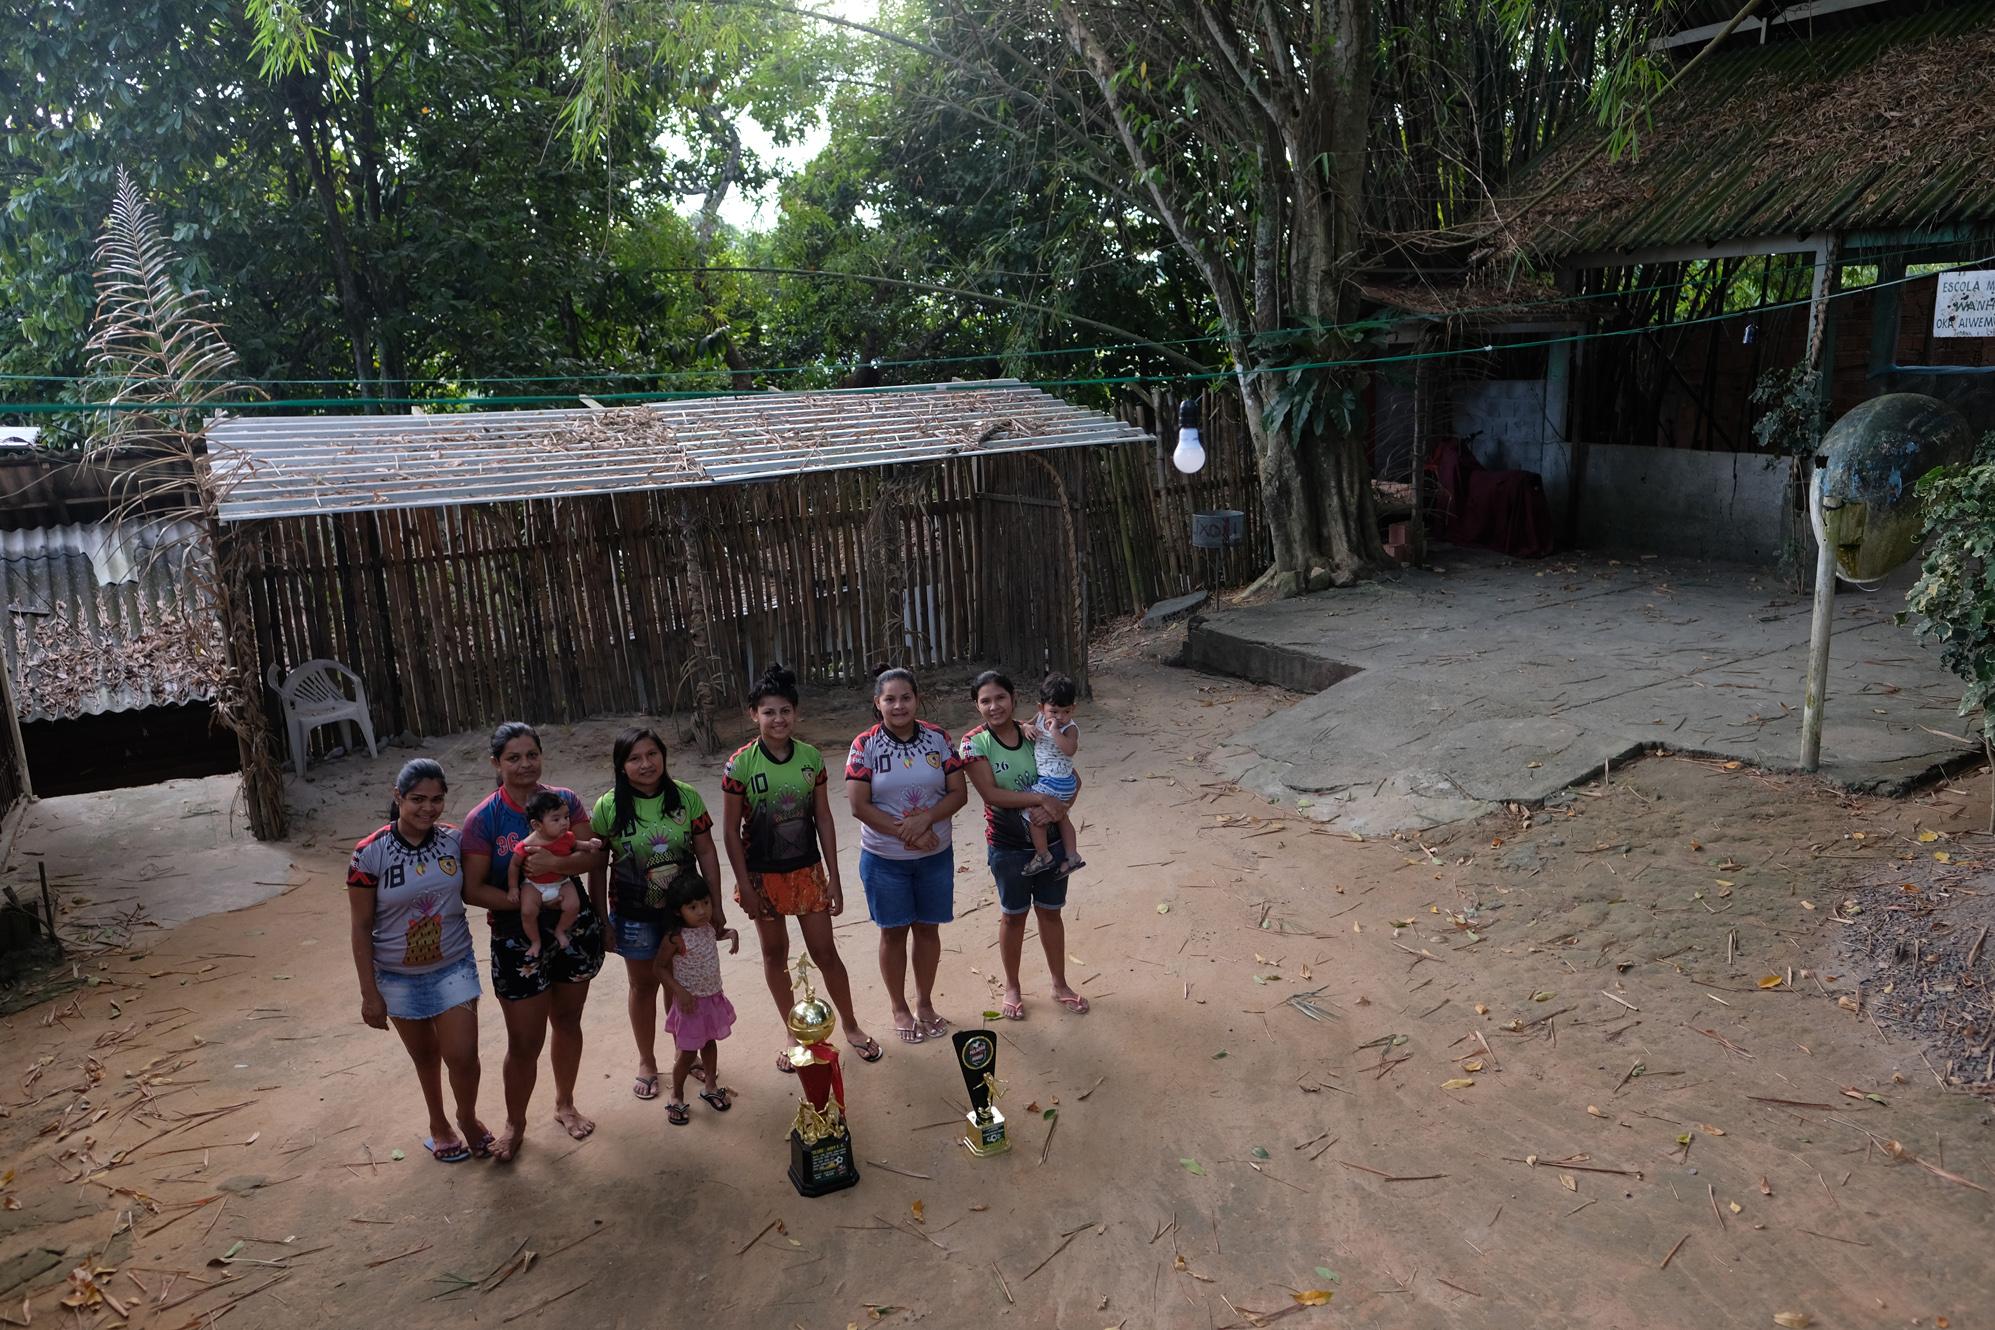 Mulher joga futebol: a superação das indígenas do time Hiwy